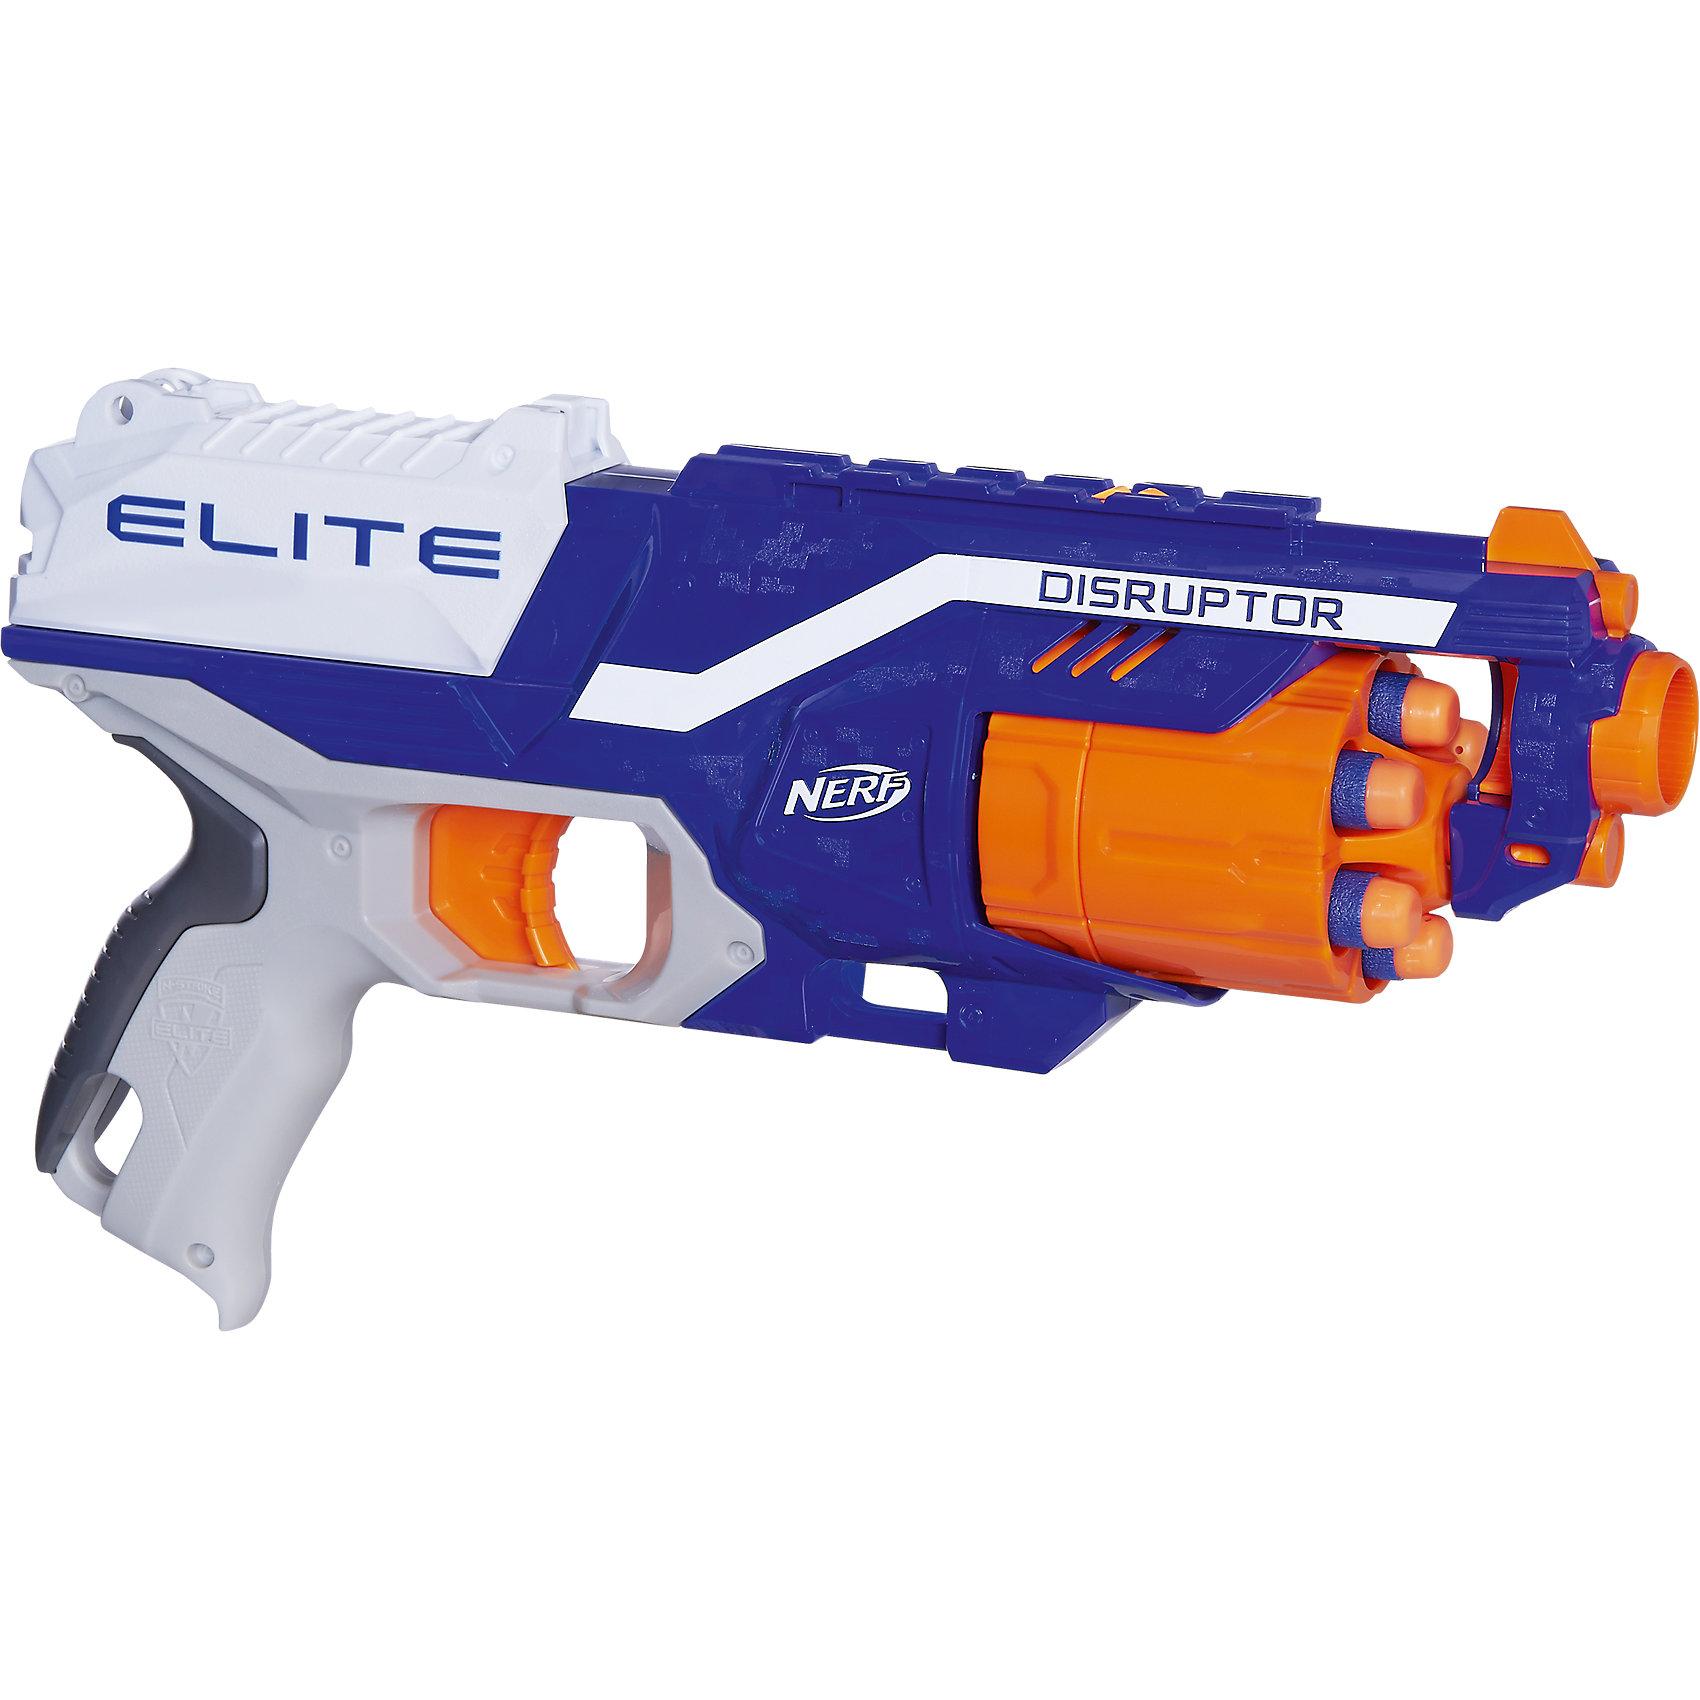 Бластер Элит Дисраптор, Nerf, HasbroБластеры, пистолеты и прочее<br>Характеристики товара:<br><br>• возраст от 8 лет<br>• материал: пластик, резина<br>• в комплекте: бластер, 6 стрел, инструкция<br>• дальность действия: 27 м (дальность стрельбы)<br>• модель: Дисраптор (Disruptor)<br>• размер упаковки 31х22х7 см<br>• упаковка: картонная коробка открытого типа<br>• страна бренда: США<br>• страна производитель: Китай<br><br>Бластер Элит Диструптор Nerf Hasbro — увлекательная игрушка для юных любителей устраивать настоящие сражения. Бластер оснащен удобной ручкой и барабаном на 6 патронов. Стрелы могут лететь на расстояние до 26 метров. Бластер разнообразит сюжетно-ролевые игры детей и подростков.<br><br>Бластер изготовлен из качественного пластика. Наконечники стрел сделаны из вспененной резины, поэтому они не поранят и не причинят травм. <br><br>Бластер Элит Диструптор Nerf Hasbro можно приобрести в нашем интернет-магазине.<br><br>Ширина мм: 320<br>Глубина мм: 223<br>Высота мм: 76<br>Вес г: 494<br>Возраст от месяцев: 96<br>Возраст до месяцев: 144<br>Пол: Мужской<br>Возраст: Детский<br>SKU: 5104315